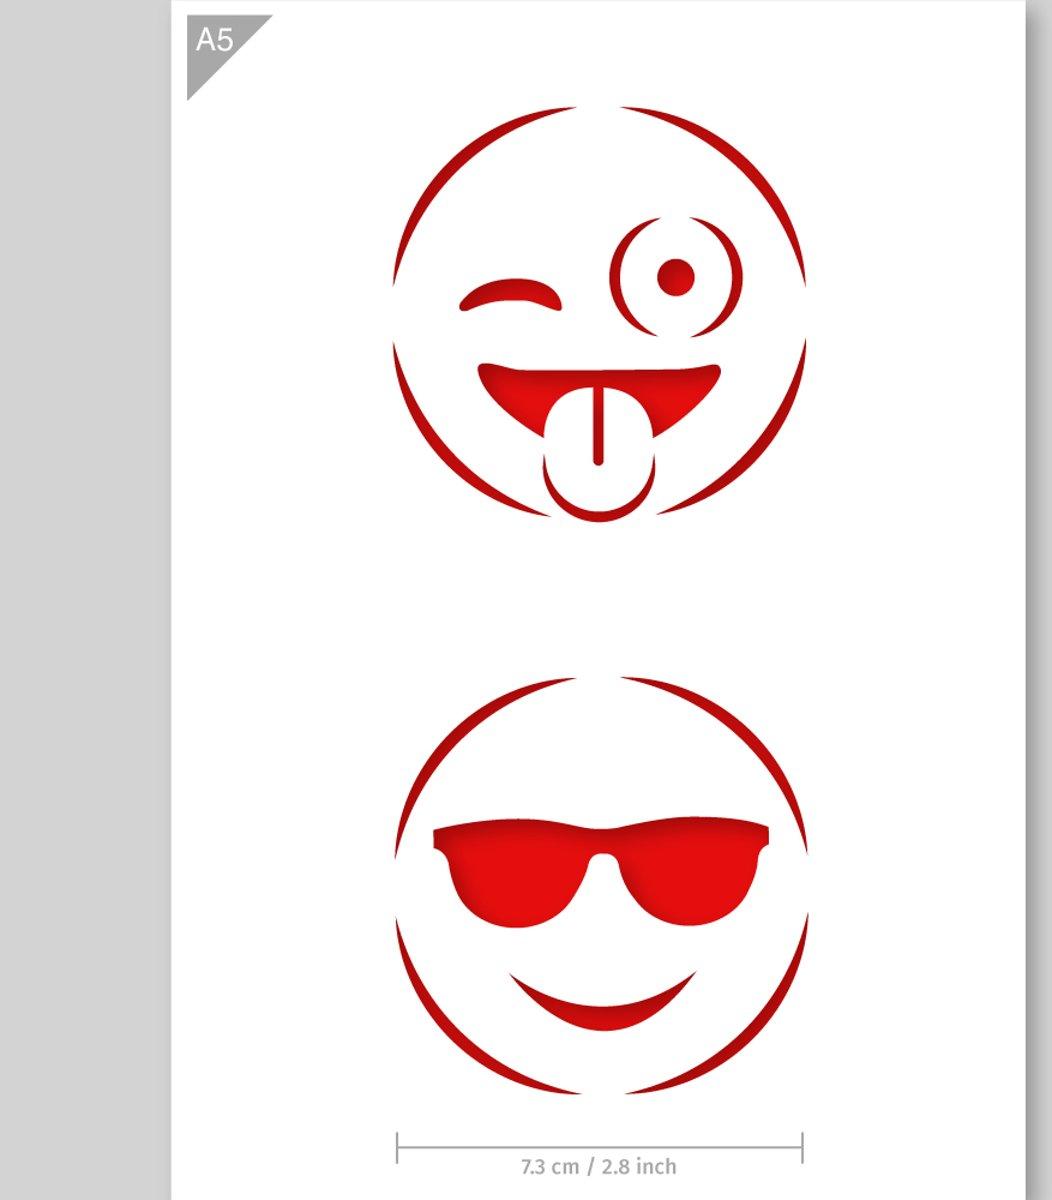 Emoji Sjabloon - Kartonnen A5 stencil - Knipoog & zonnebril emoji - Kindvriendelijk sjabloon geschikt voor graffiti, airbrush, schilderen, muren, meubilair, taarten en andere doeleinden kopen